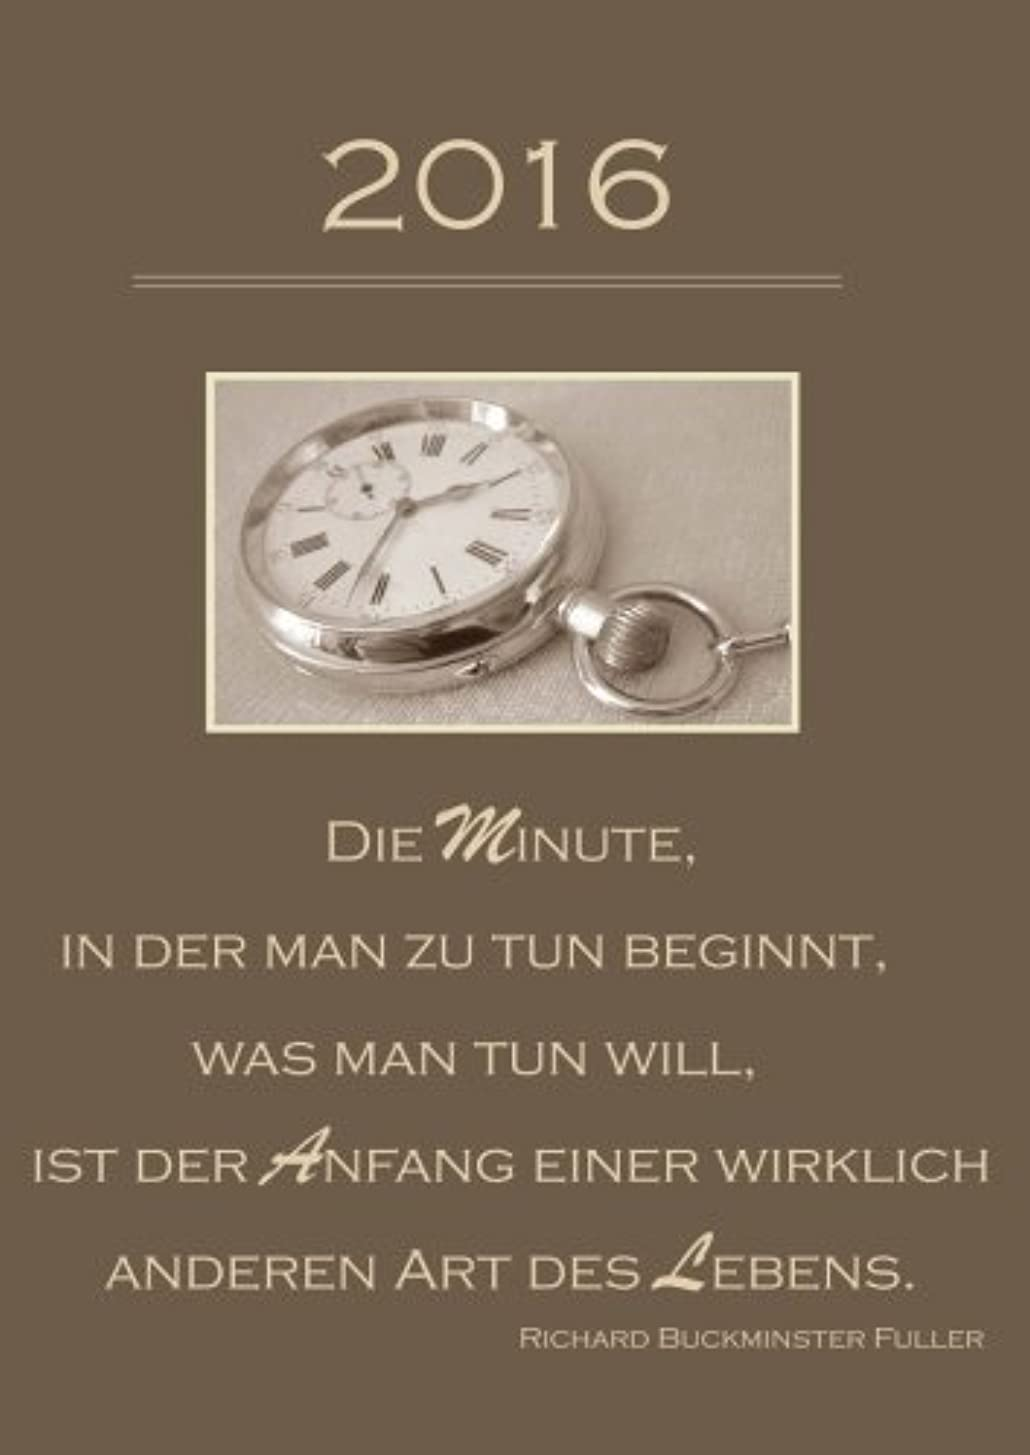 セラフ処分した週間dicker TageBuch Kalender 2016